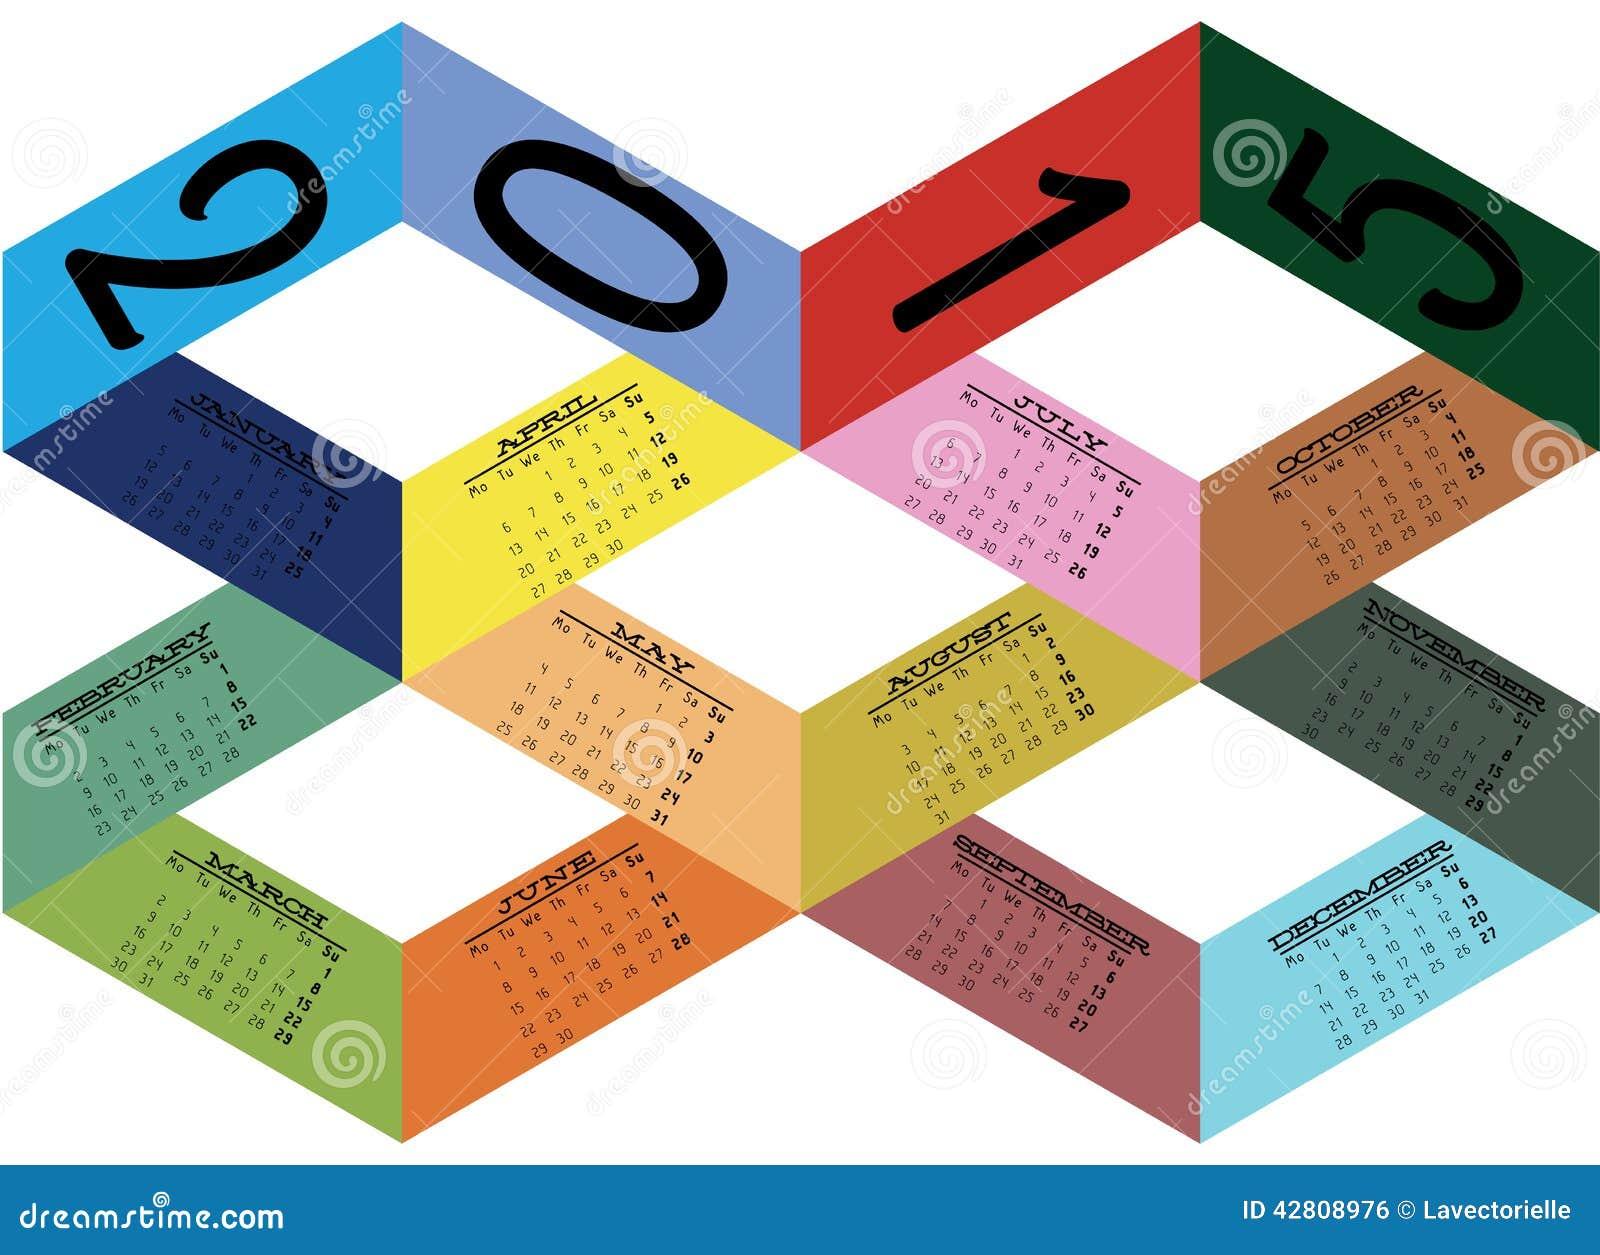 Calendar Ribbon Design : Calendar stock vector image